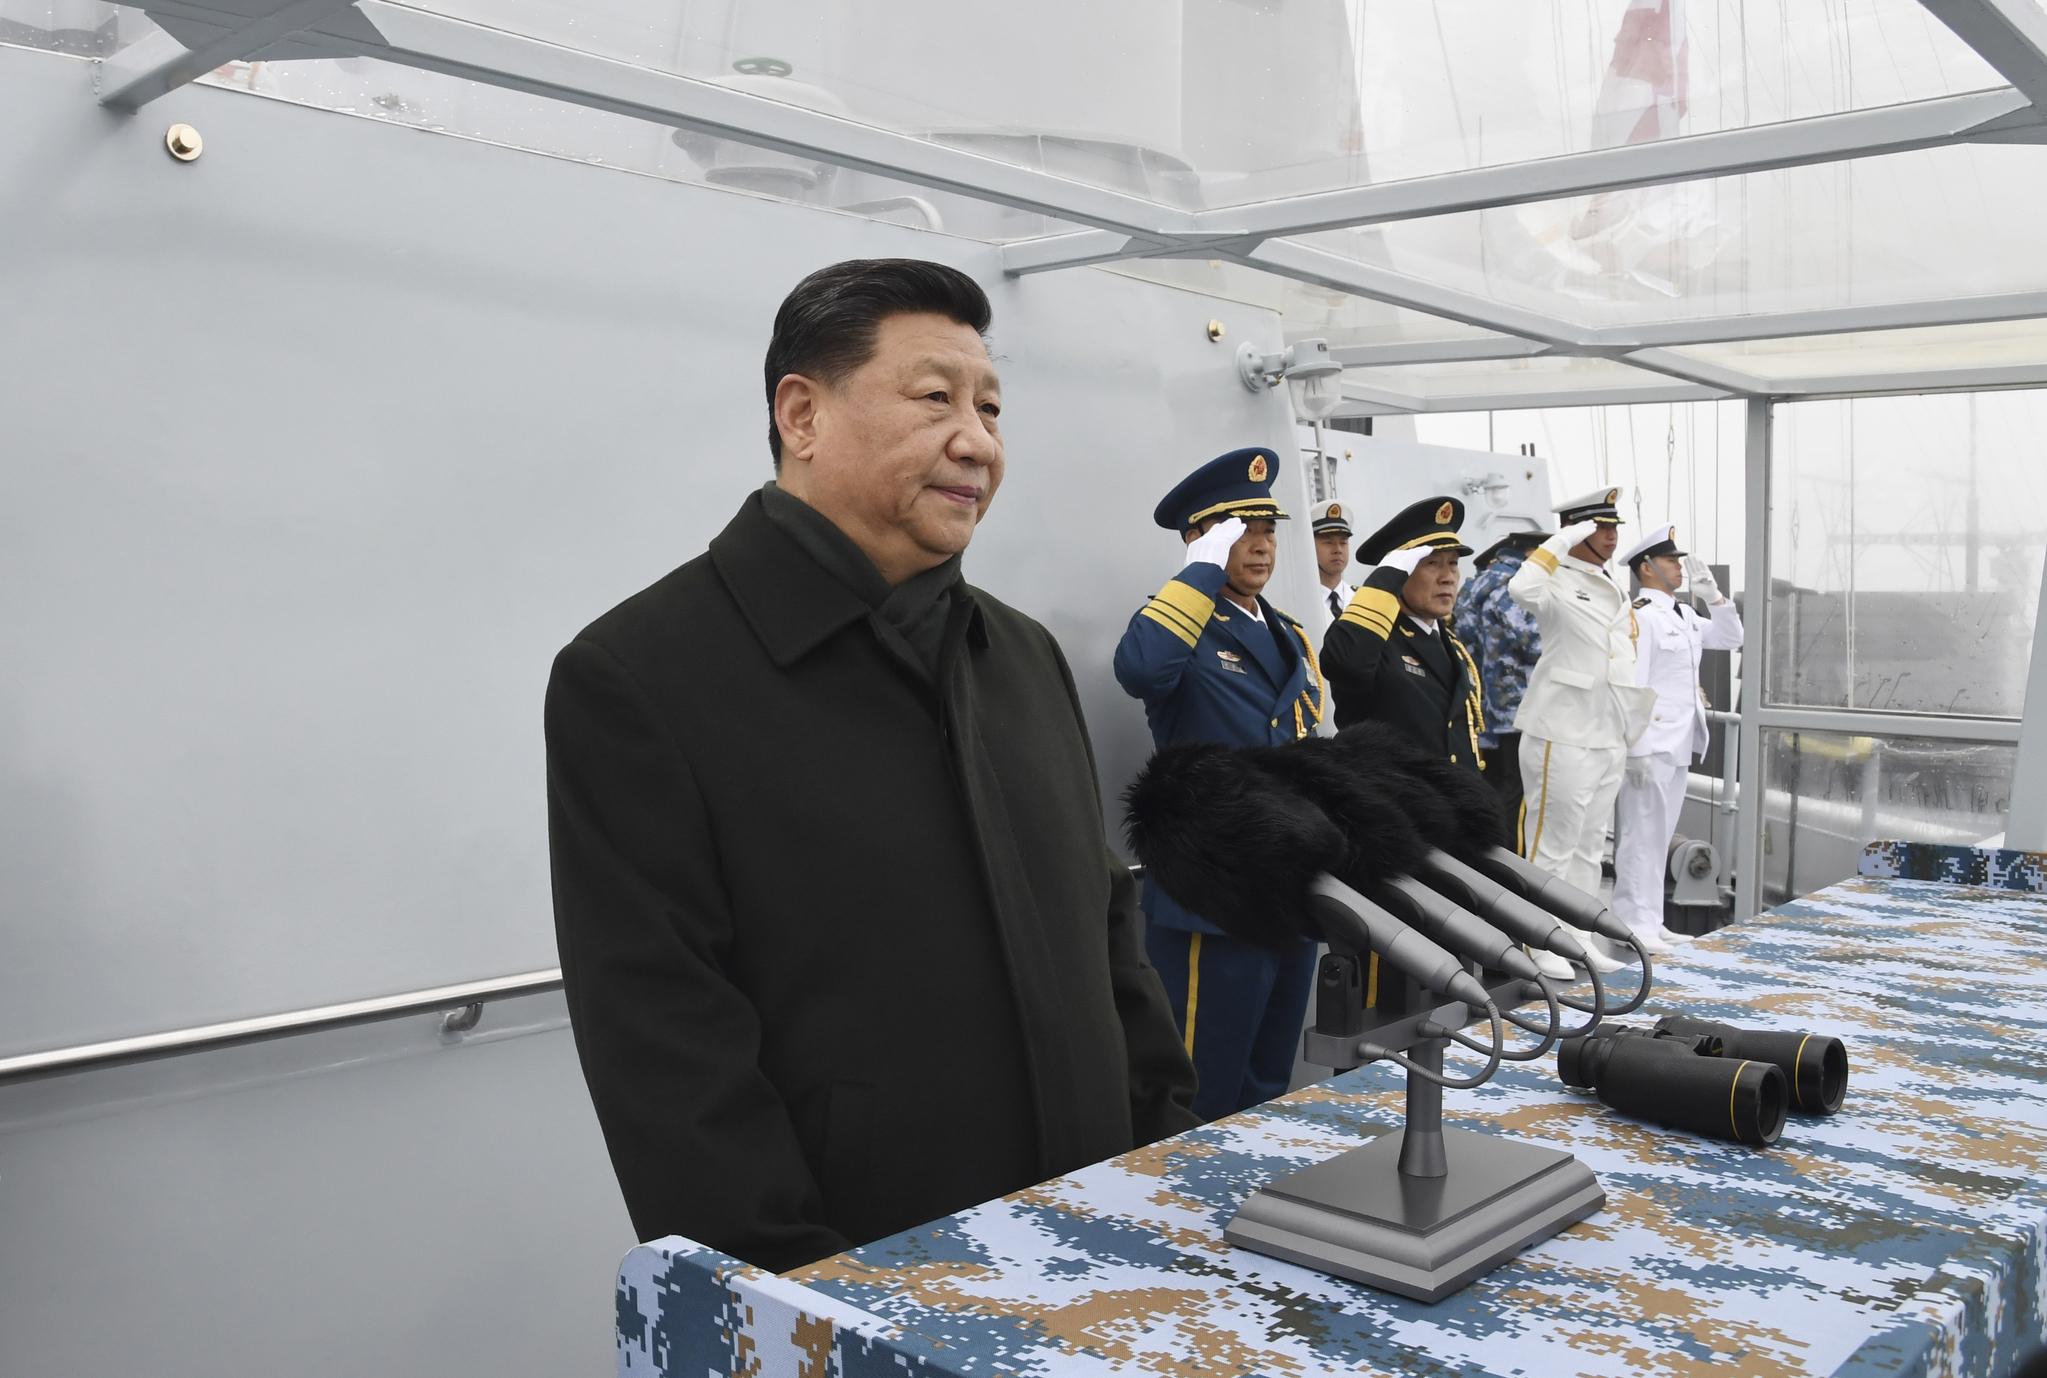 시진핑 중국 국가주석이 중국 산둥(山東)성 칭다오(靑島) 인근 해상에서 해상열병식을 지켜보고 있다. [신화=연합뉴스]